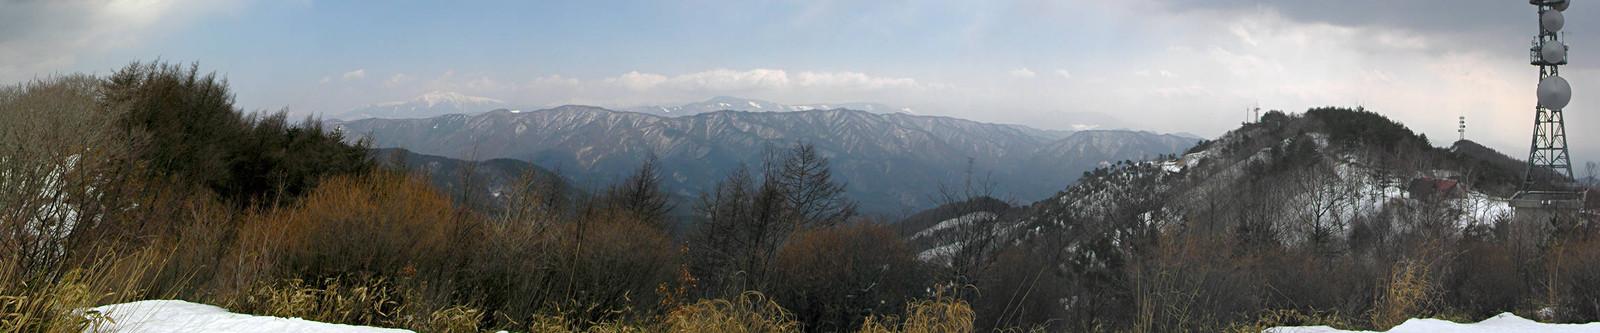 2014年3月16日「陣馬形山山頂から南アルプスを望む」